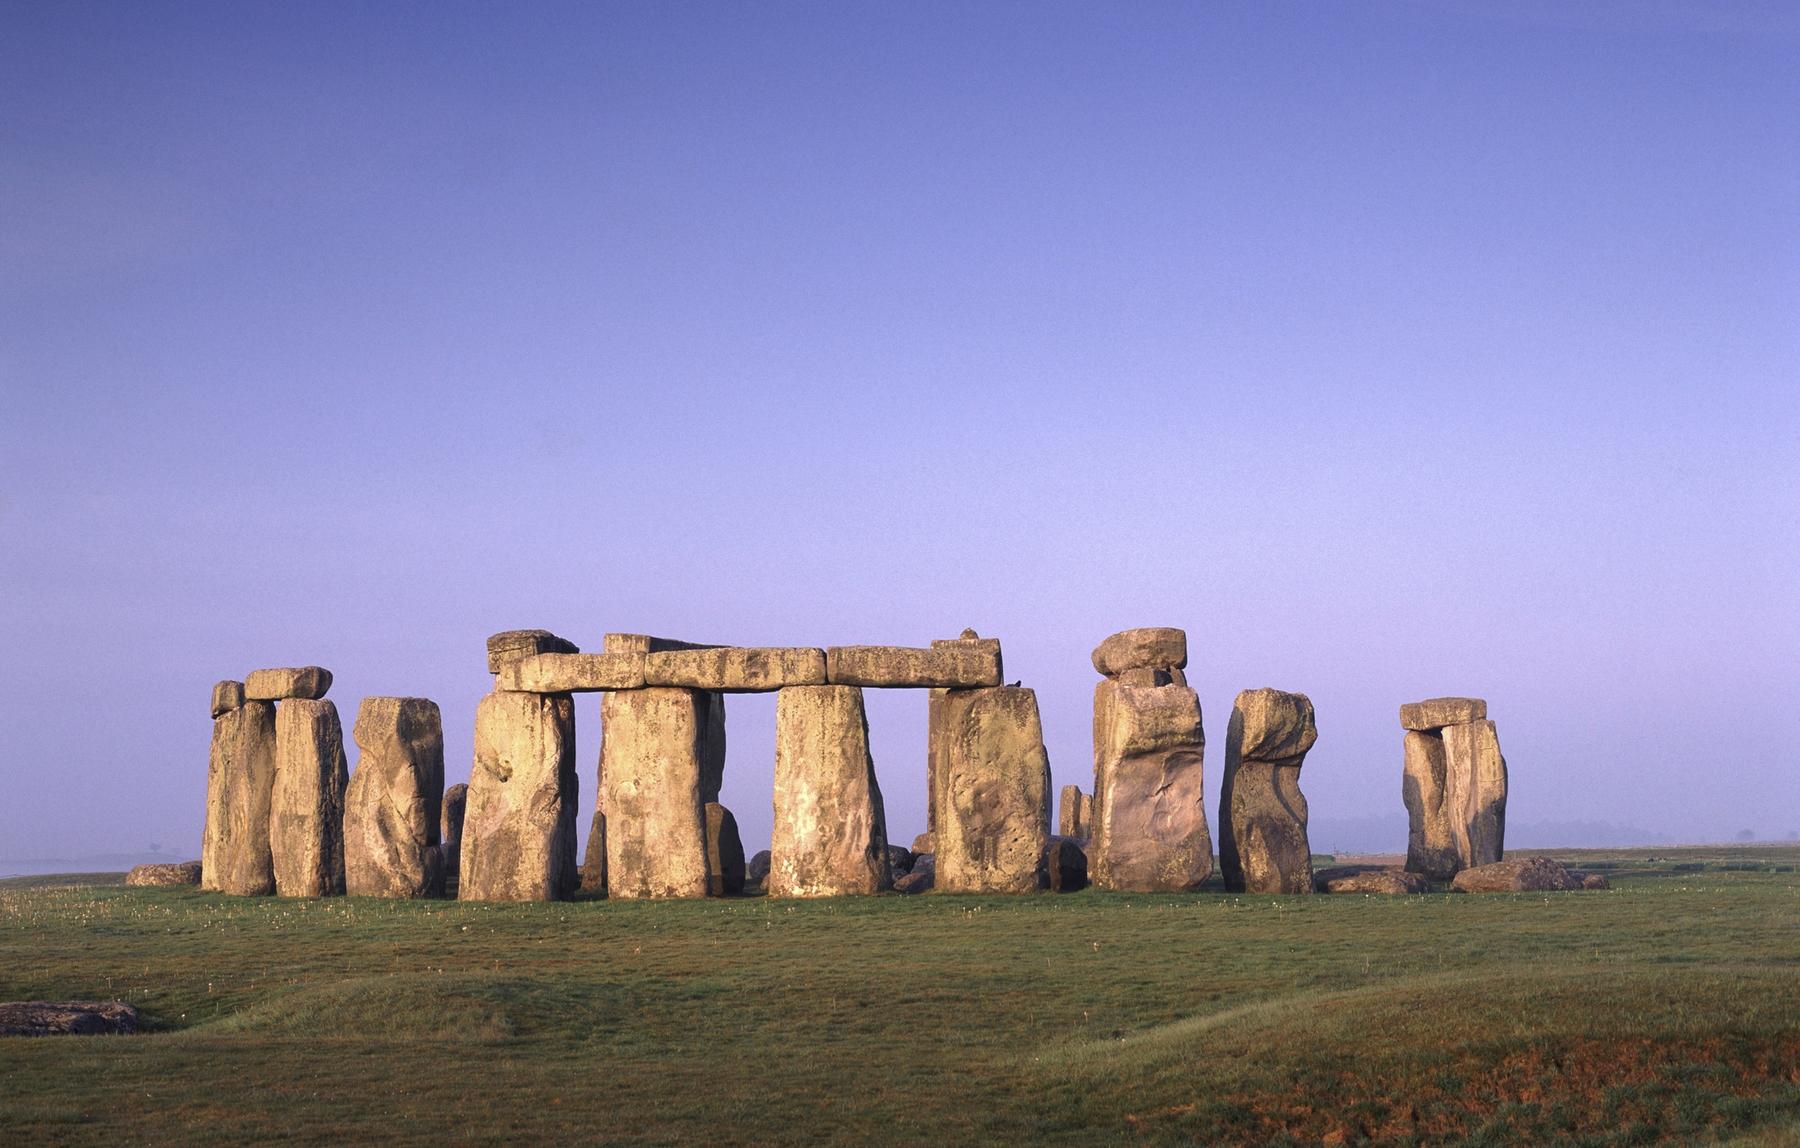 The original Stonehenge, UK